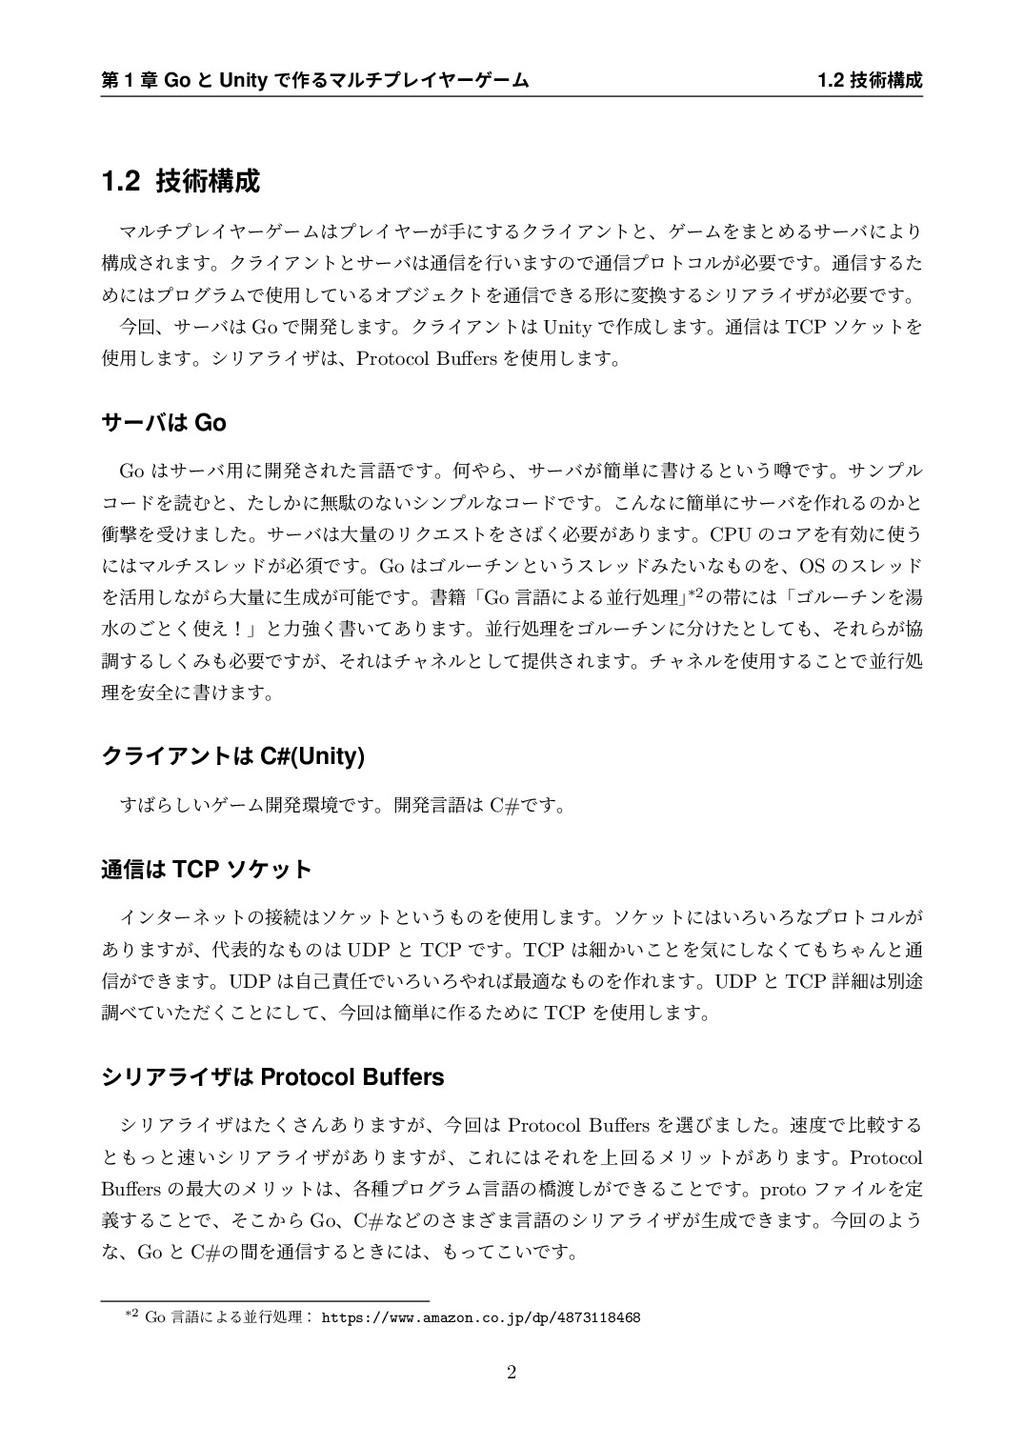 第 1 章 Go と Unity で作るマルチプレイヤーゲーム 1.2 技術構成 1.2 技術...